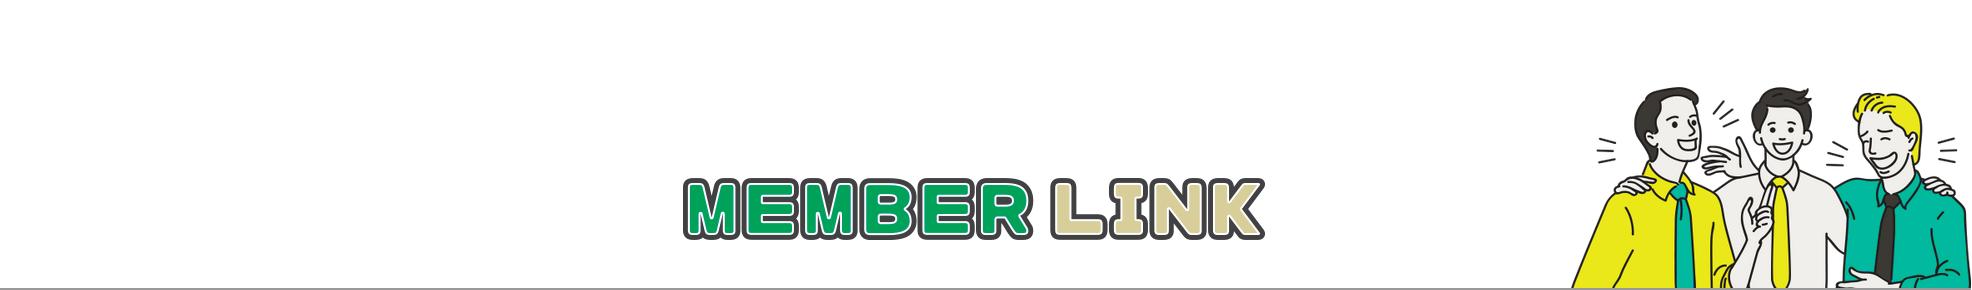 Member Link